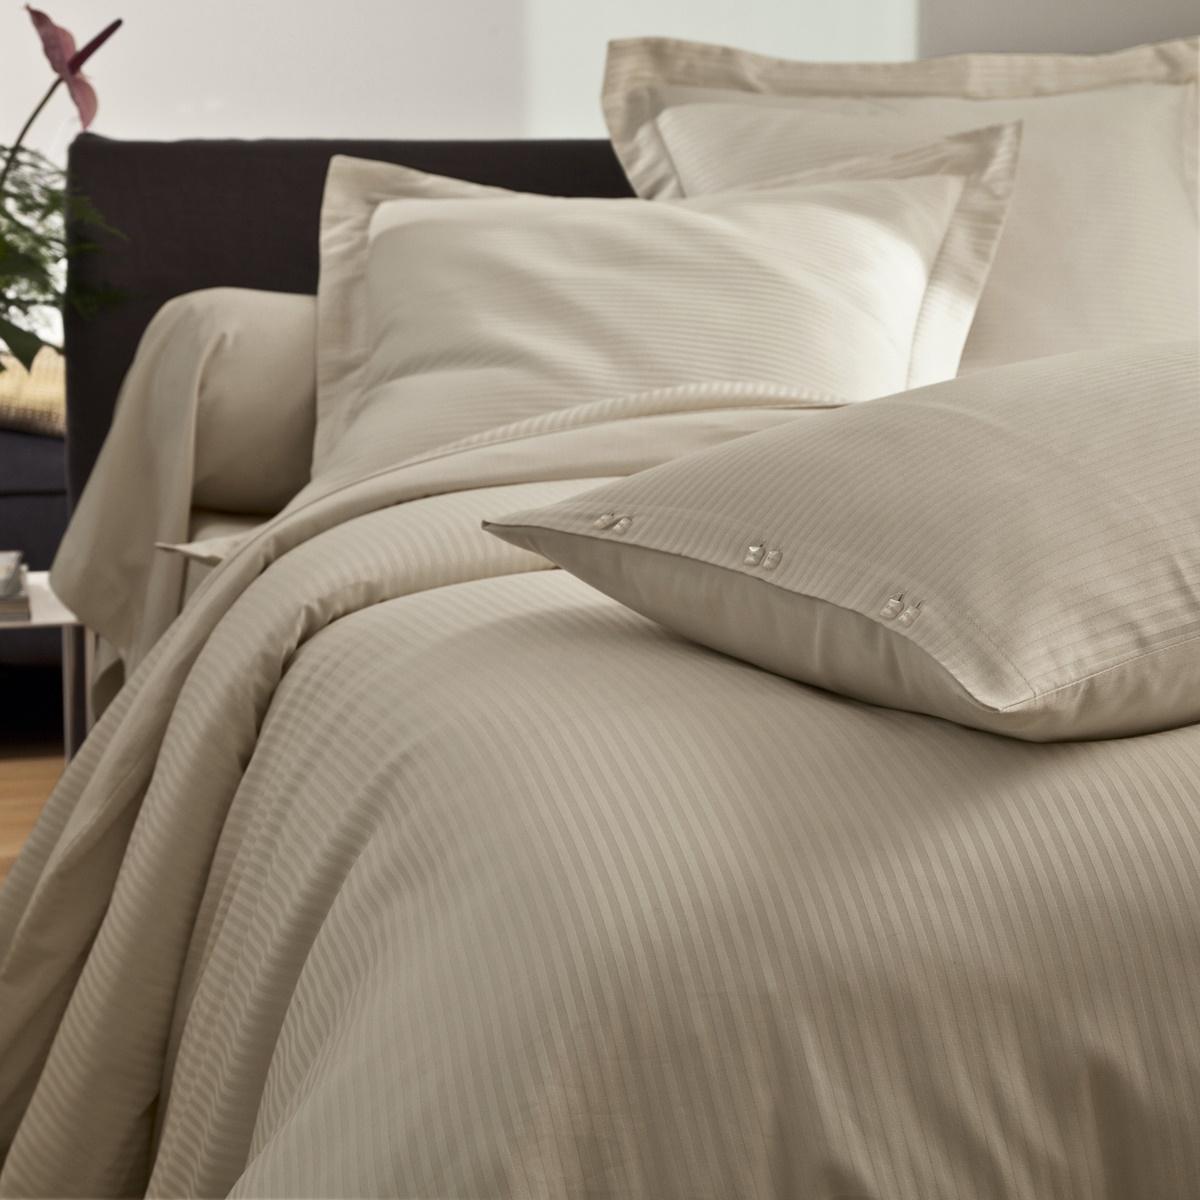 housse de couette unie satin jacquard d stockage tradition des vosges. Black Bedroom Furniture Sets. Home Design Ideas